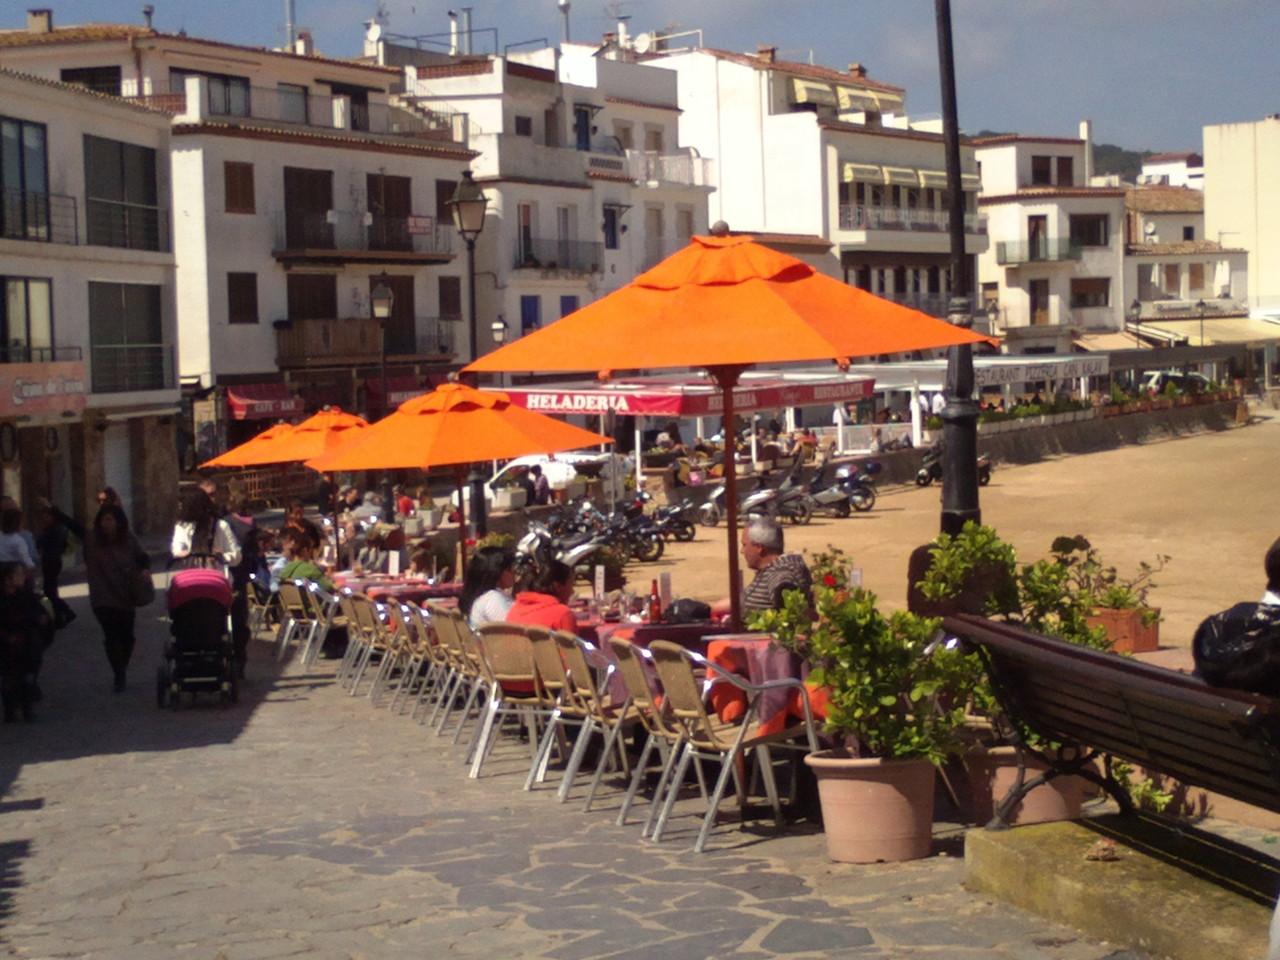 Paseo de restaurantes en Tossa de Mar